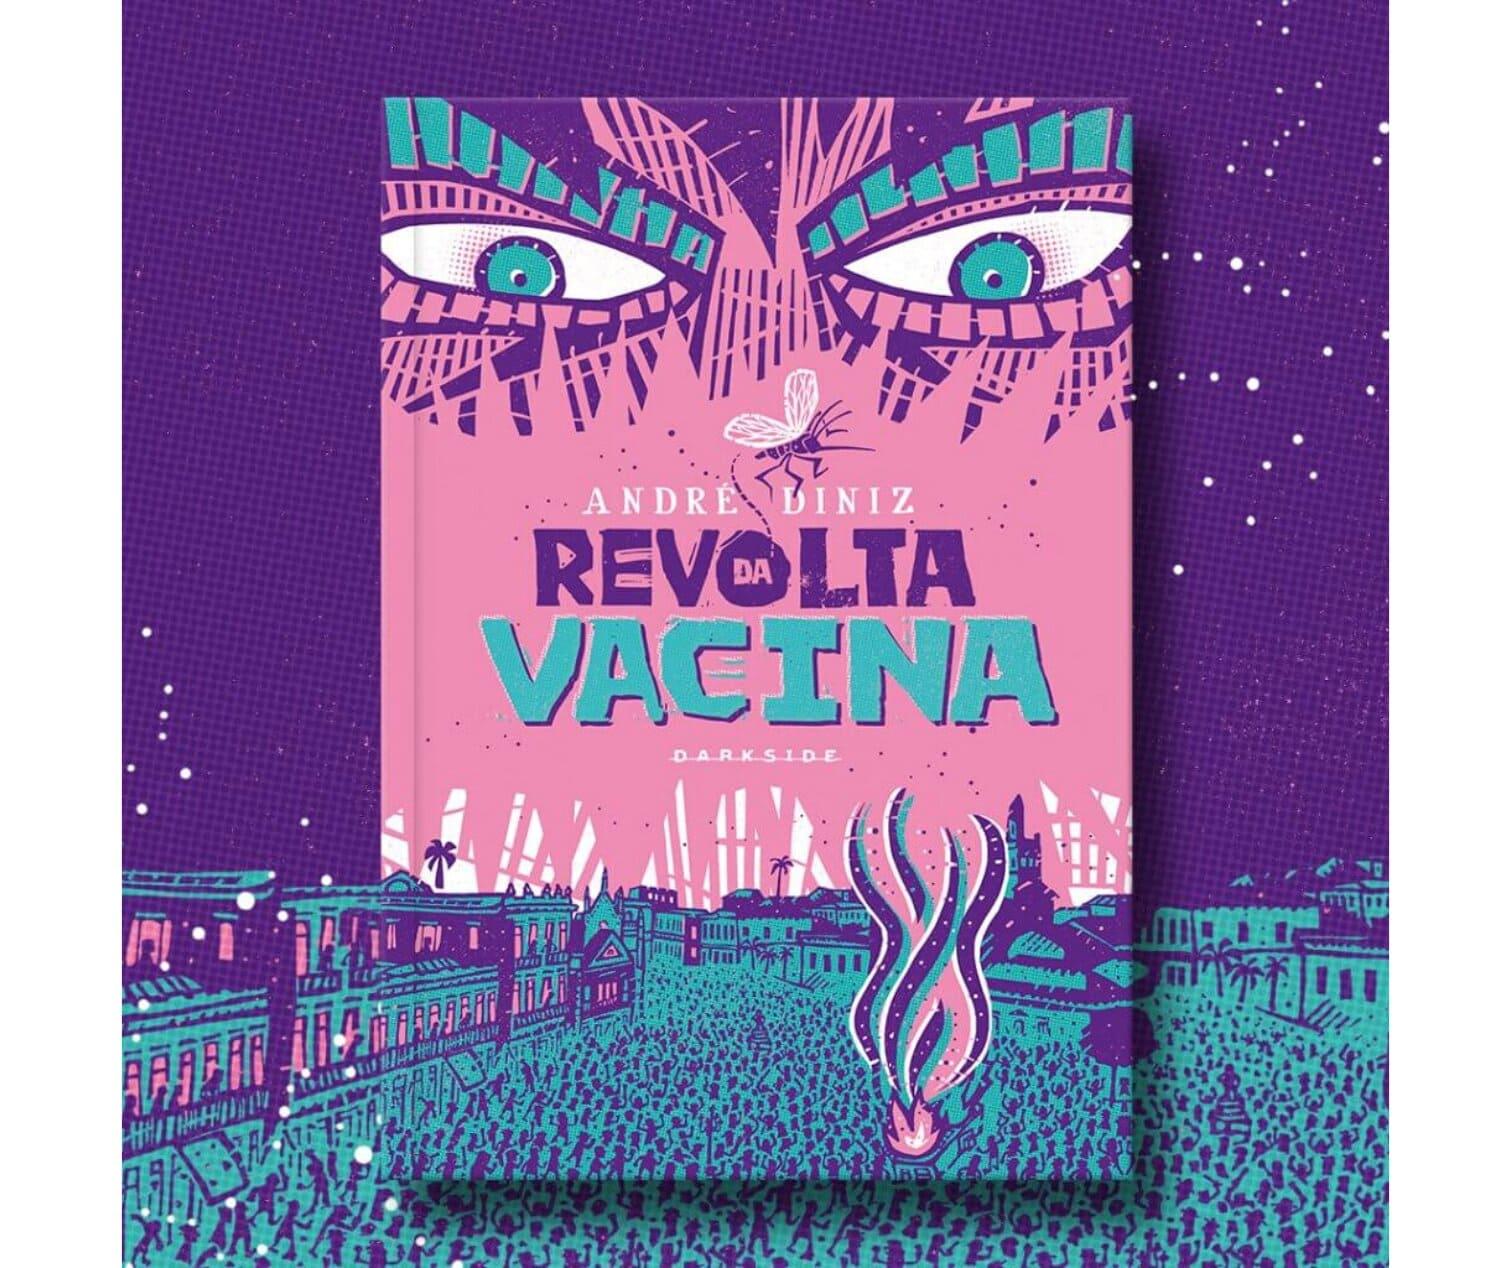 Resenha: Revolta da Vacina, de André Diniz